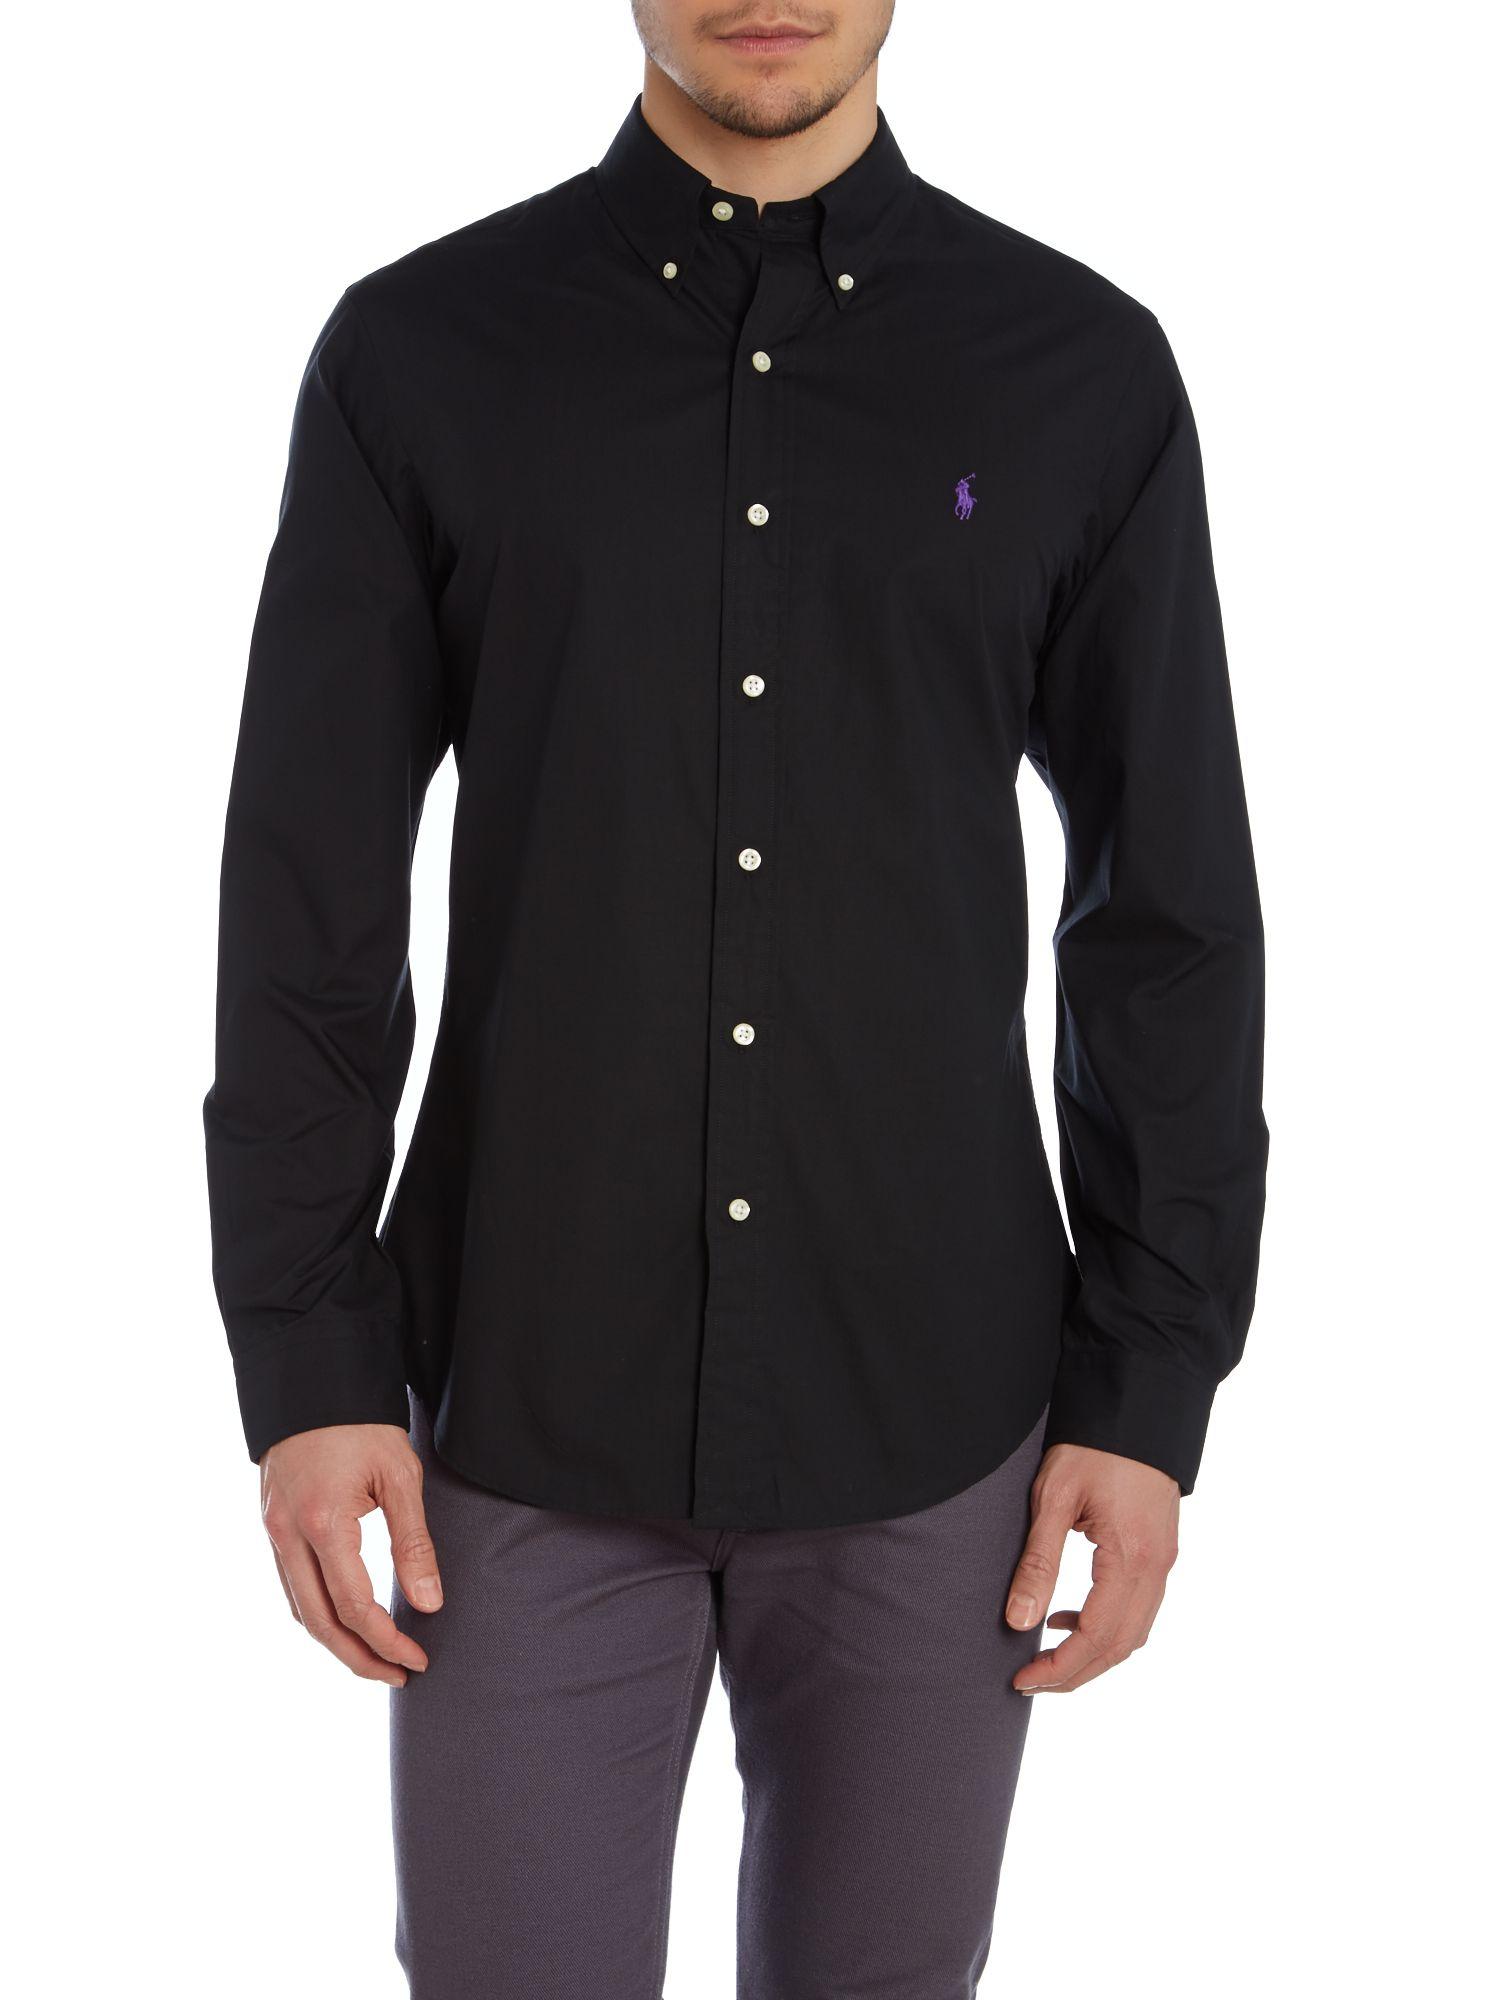 Polo ralph lauren Plain Slim Fit Long Sleeve Shirt in Black for ...